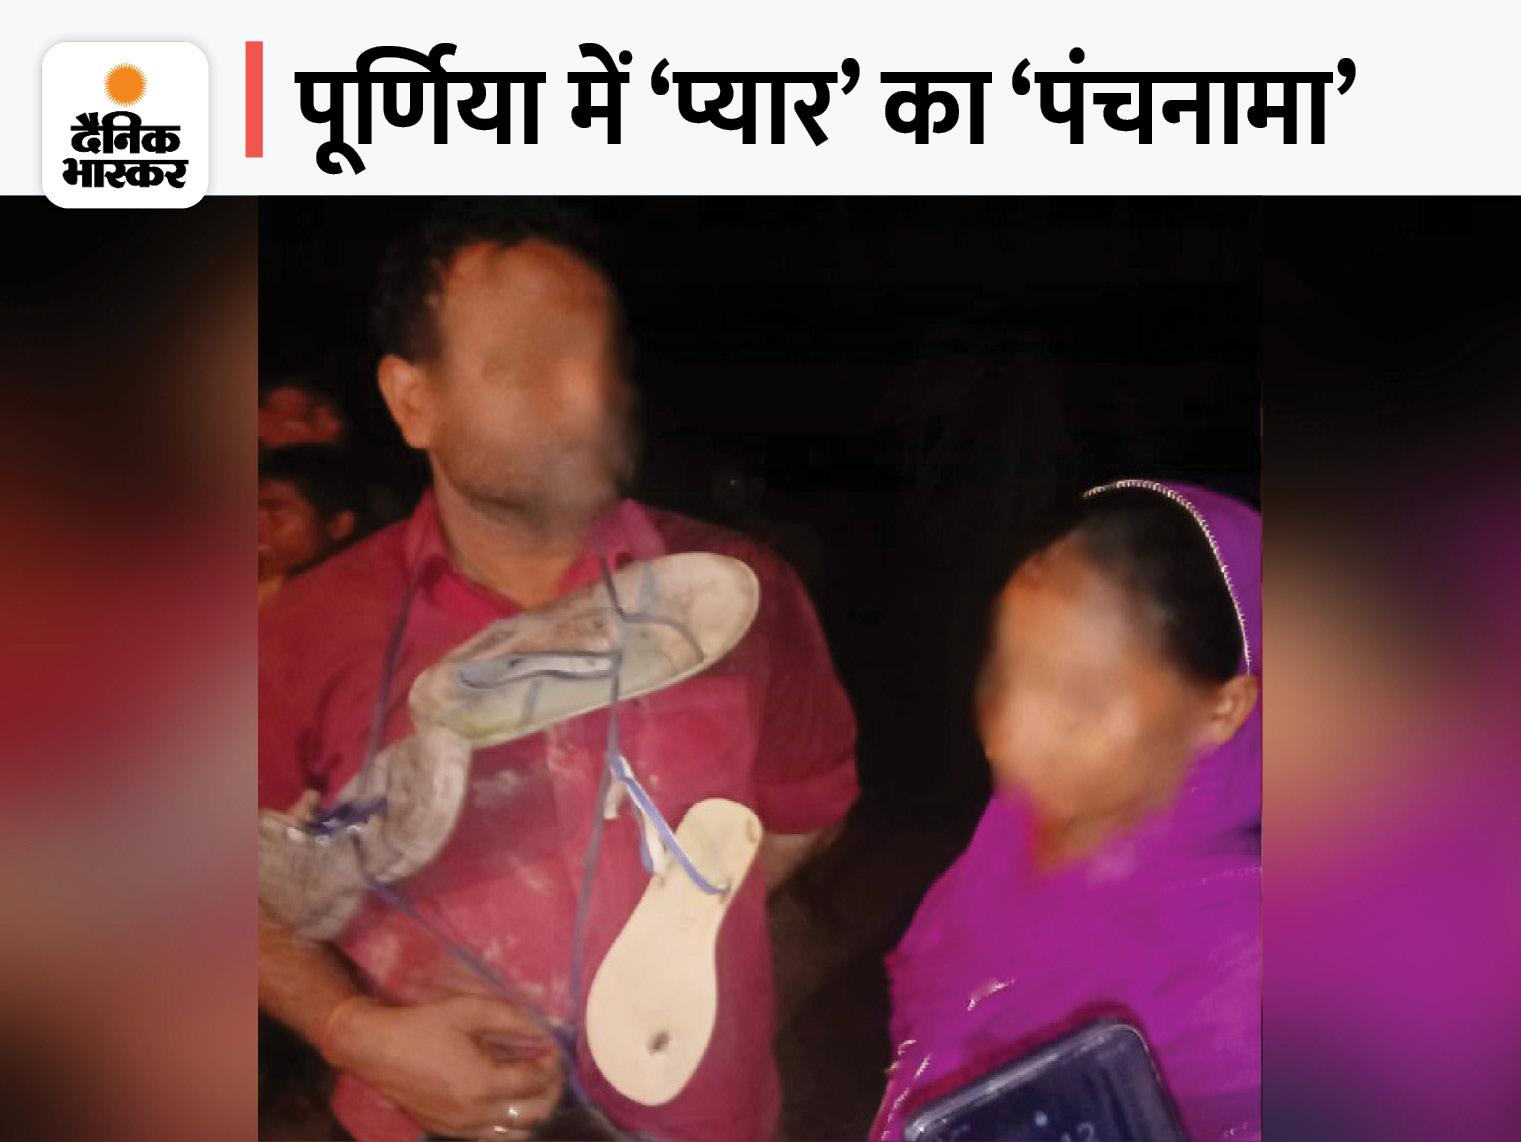 42 साल के आदमी को 20 साल की लड़की से हुआ प्यार, पकड़े गए तो जूतों की माला पहनाई; शादी भी करवाई पूर्णिया,Purnia - Dainik Bhaskar